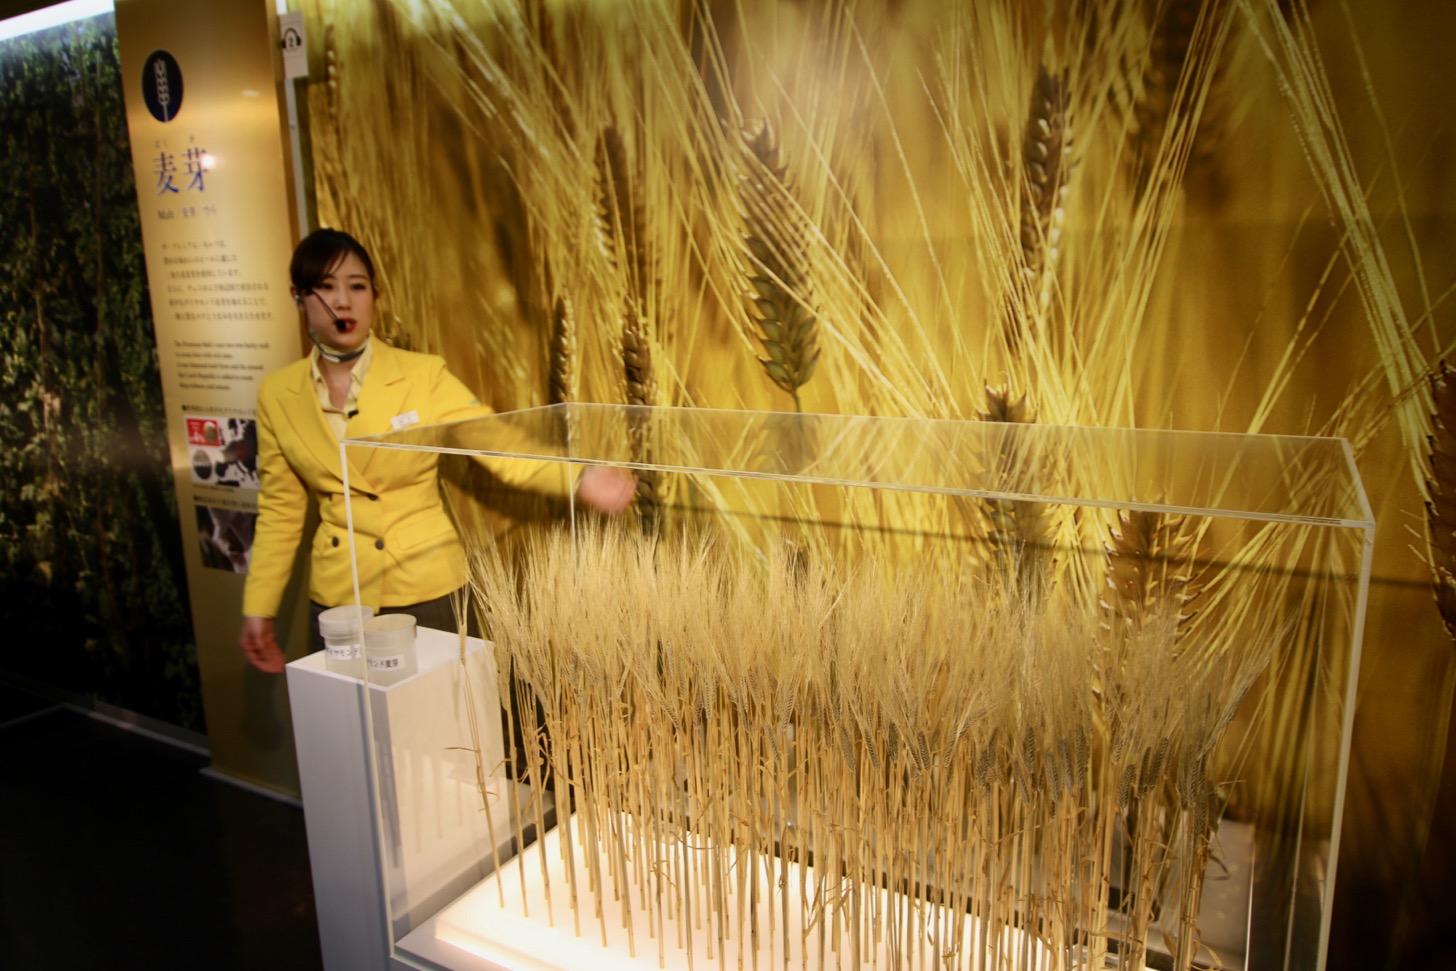 麦芽は二条大麦麦芽とチェコで産出される希少なダイヤモンド麦芽を加えることで一層上質なコクとうまみが引き出せる